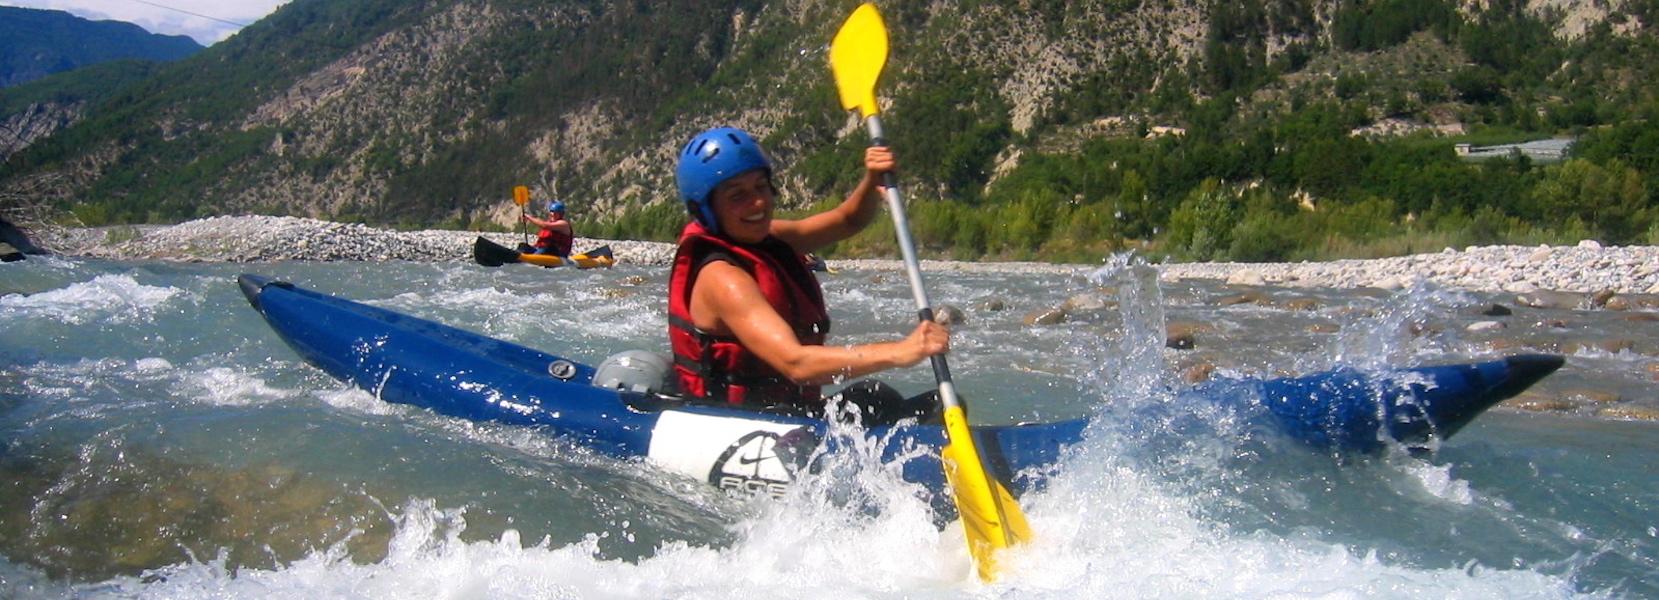 Descente en kayak de la rivière du Var dans les Alpes Maritimes 06.